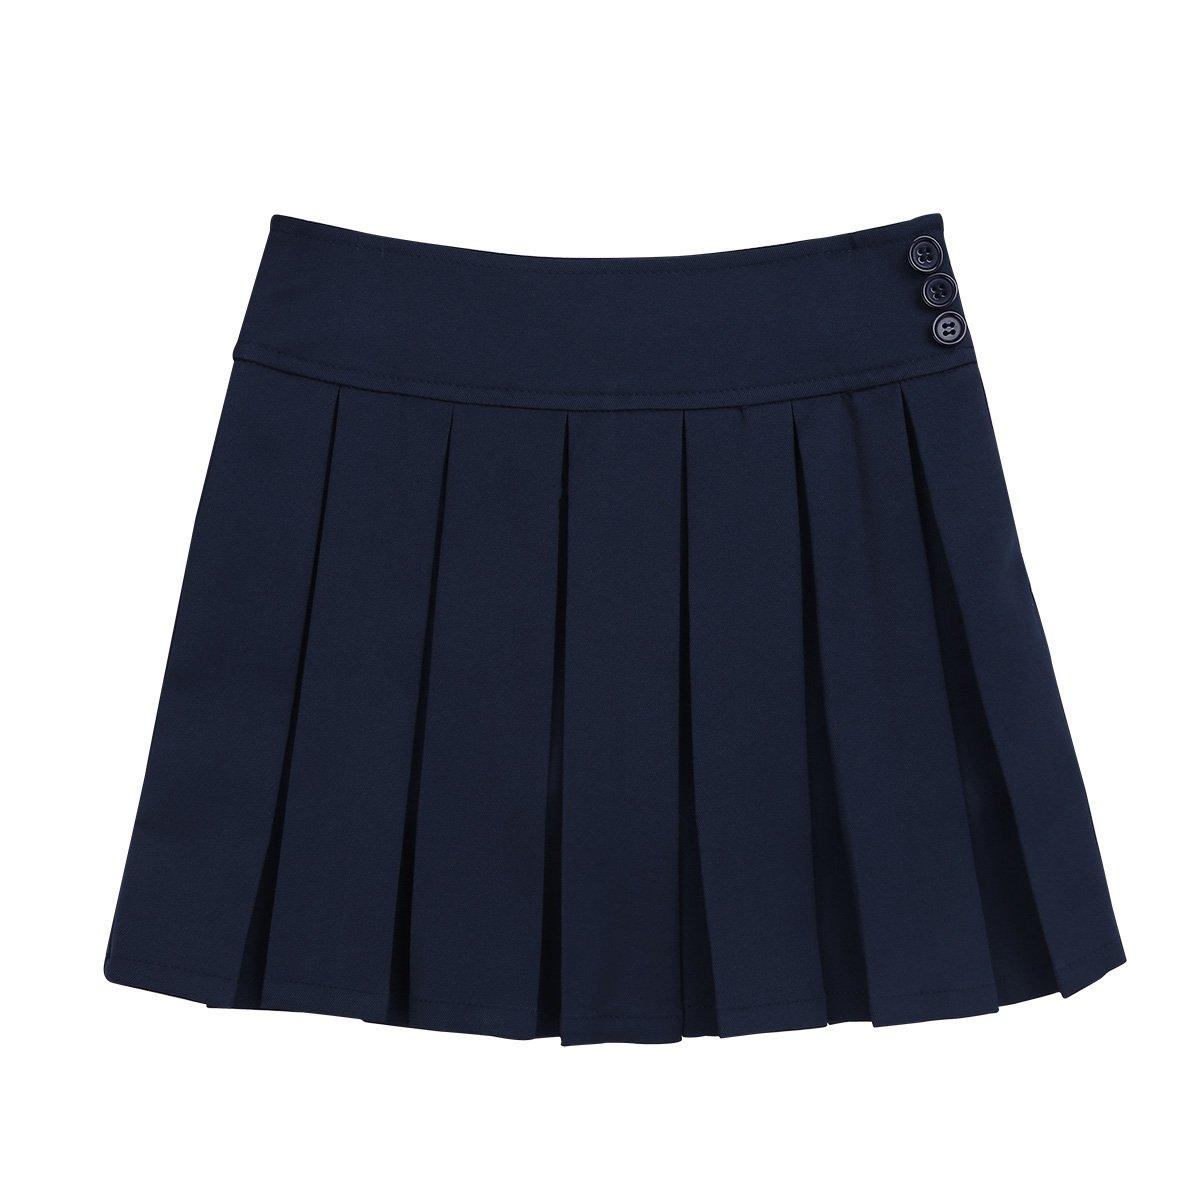 CHICTRY Falda Escocesa Plisada Uniforme Escolar Falda Tesis Deportiva Mini Faldas Pantalón Corta Cintura Alta para Niñas(4-14Años)